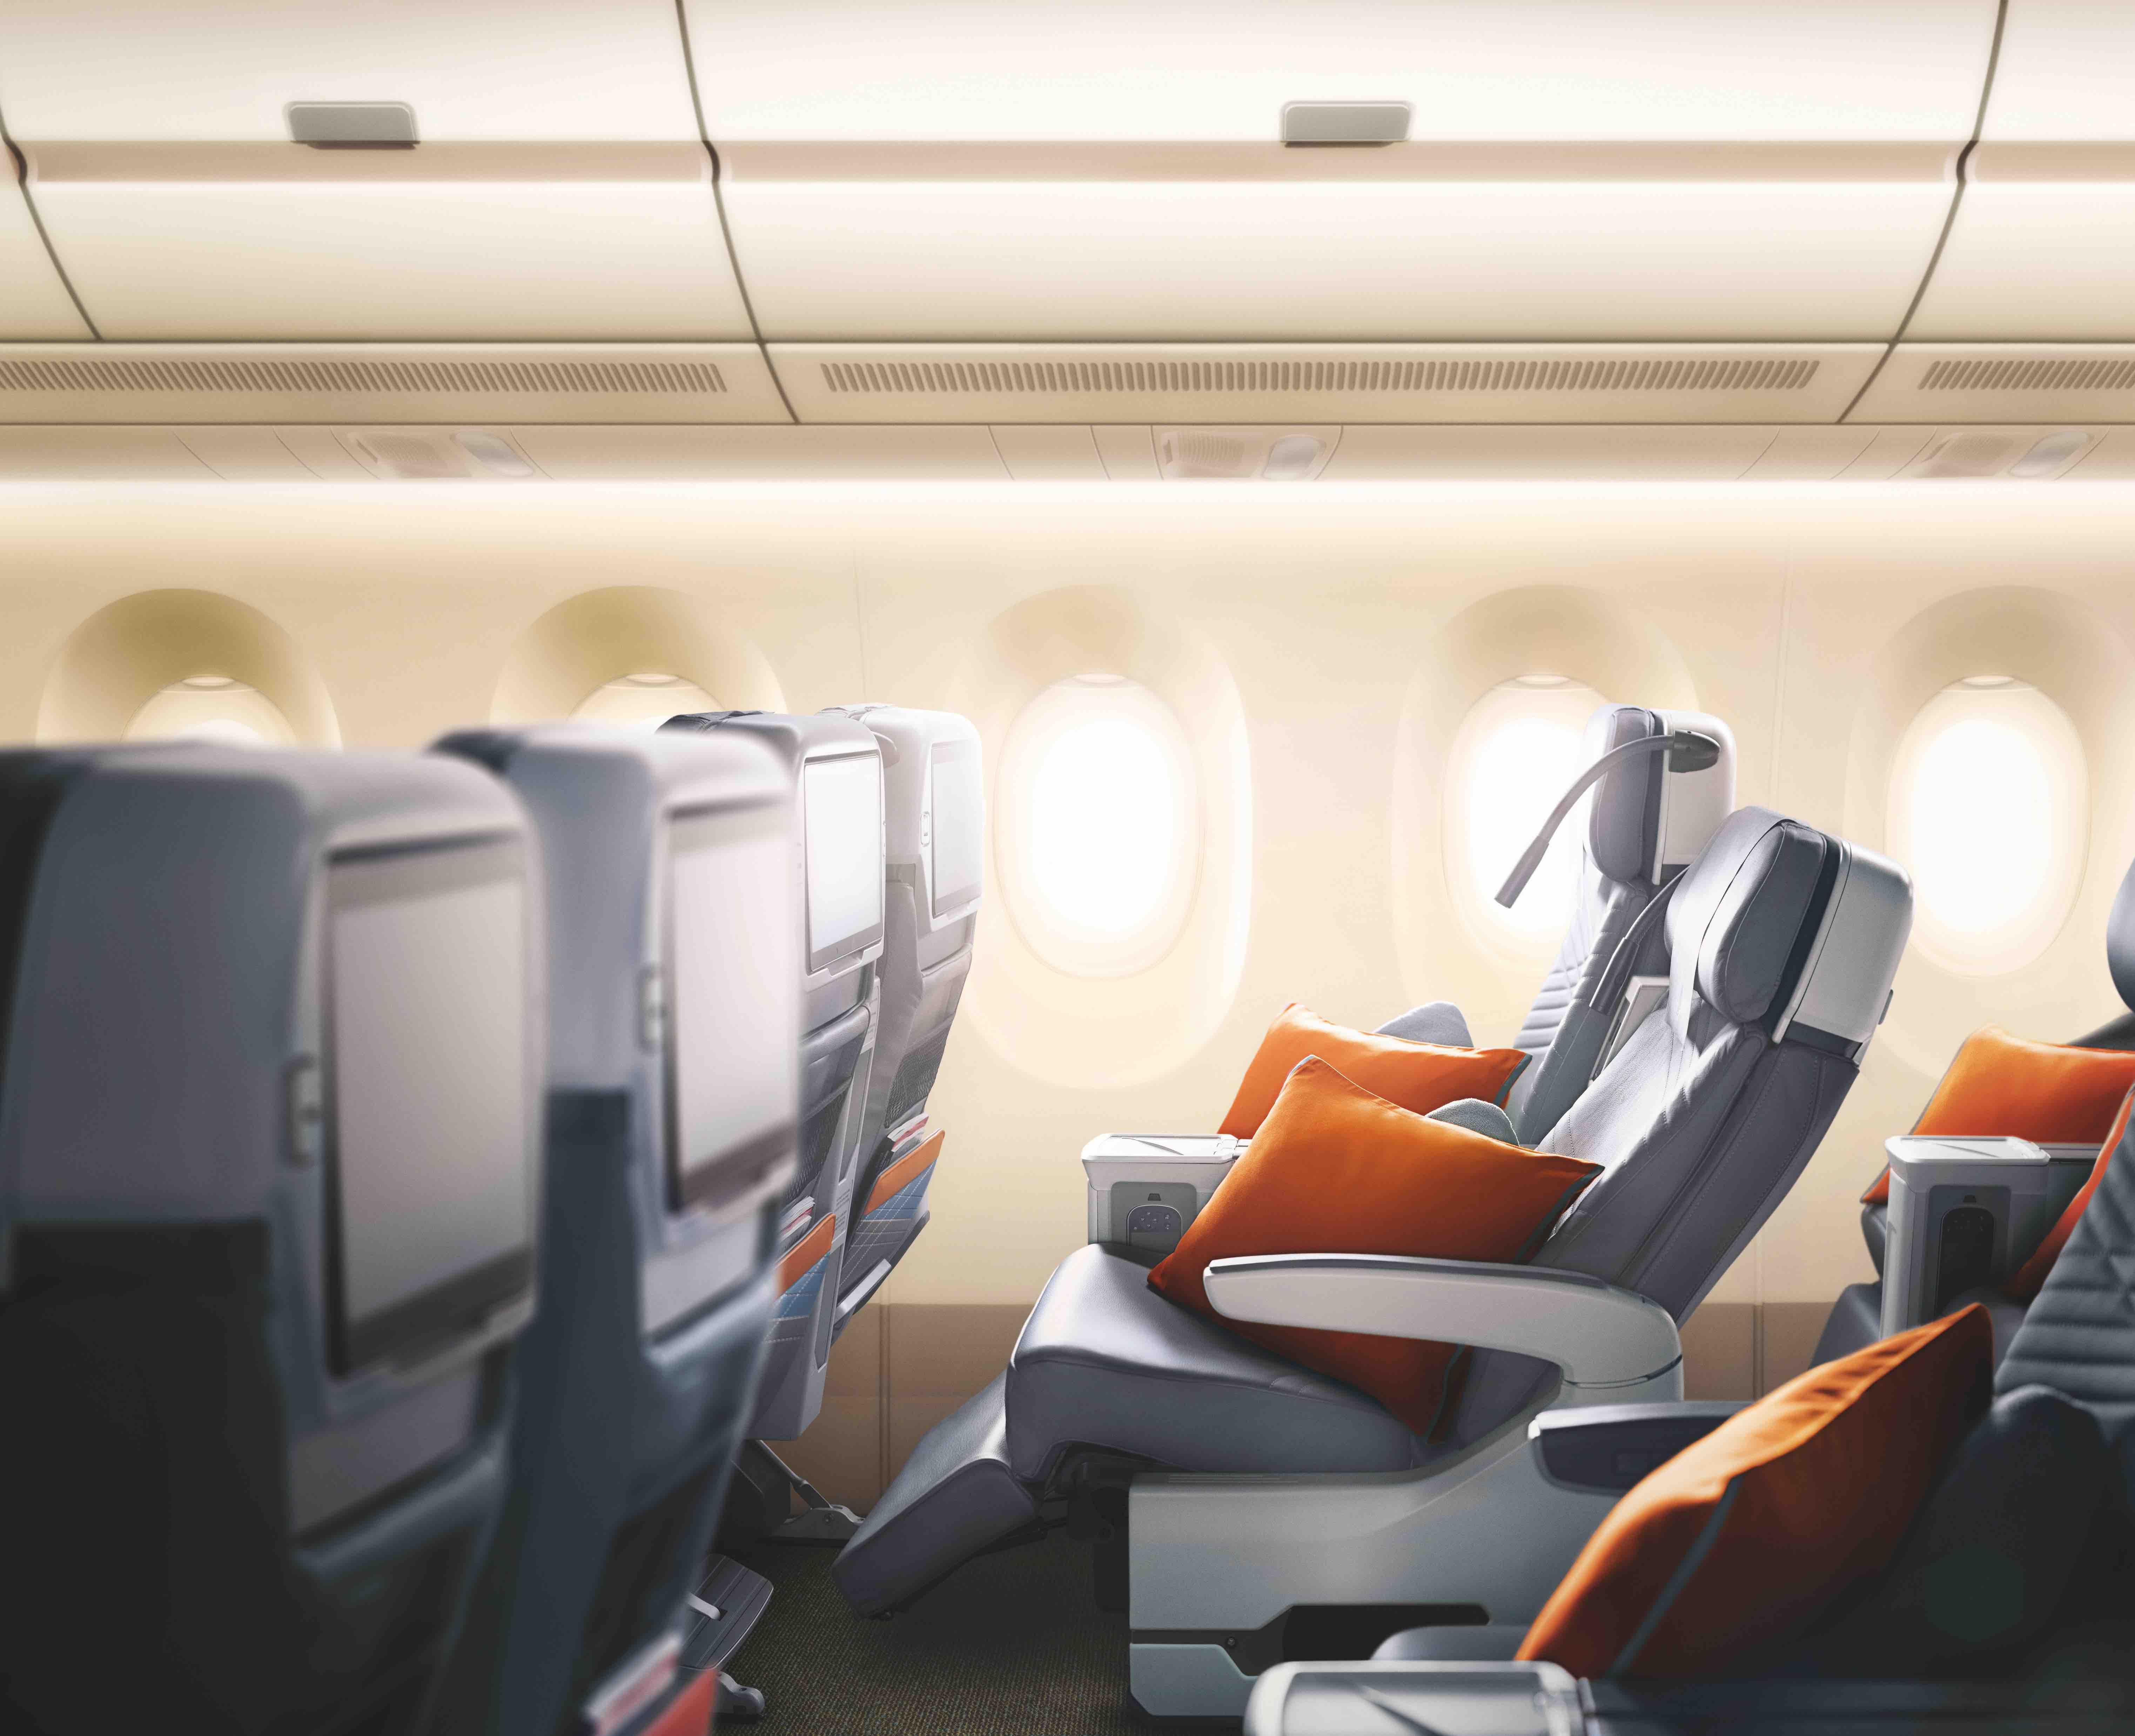 Singapore Airlines A350-900 Premium Economy